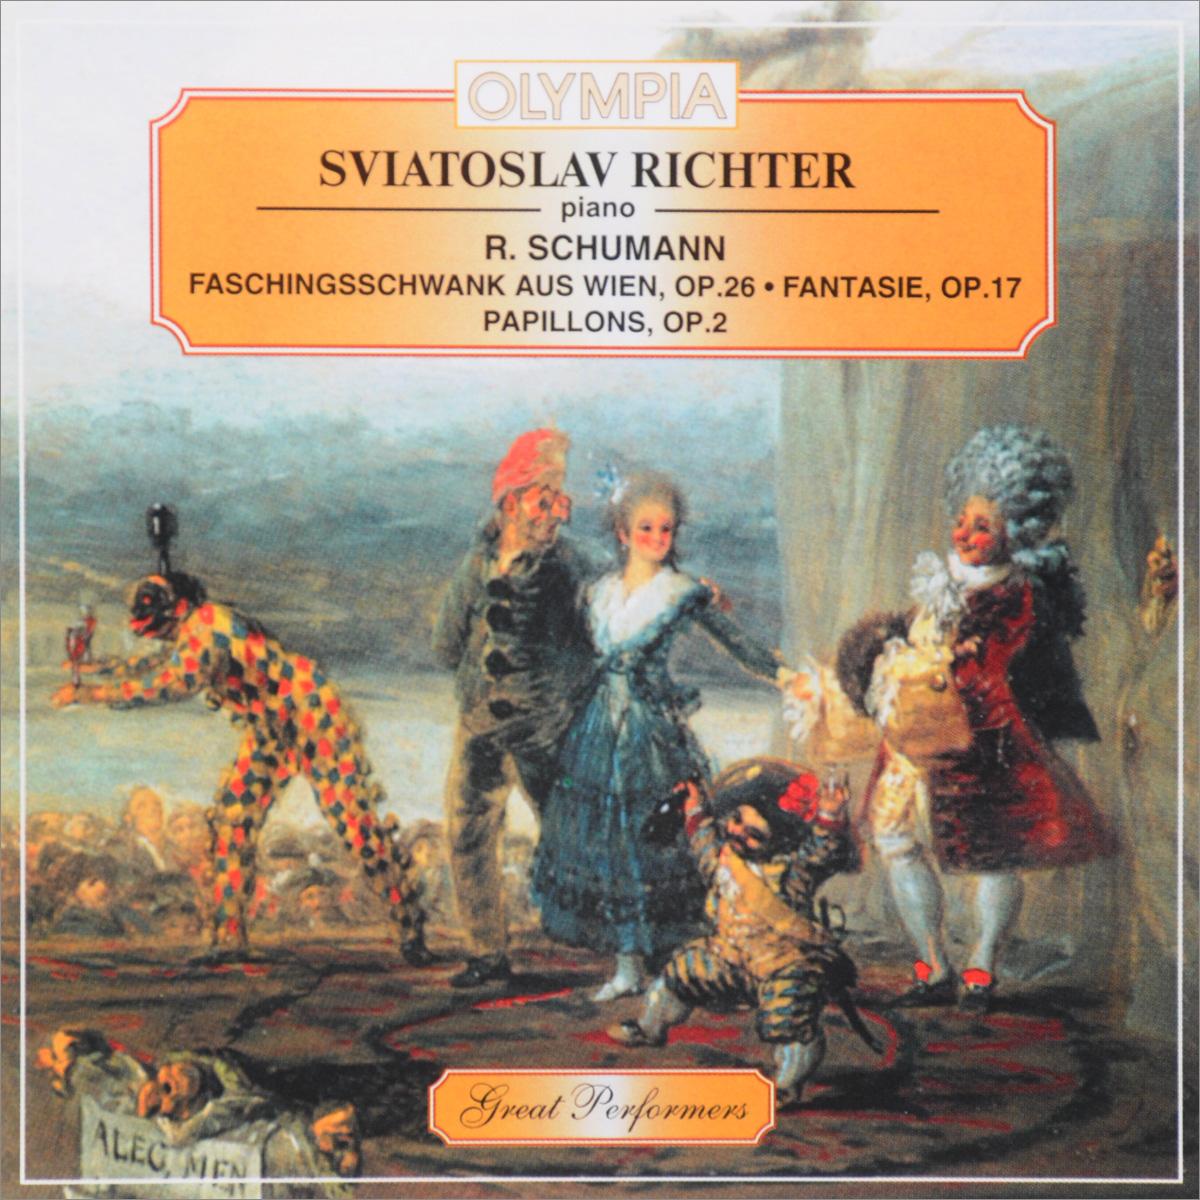 Sviatoslav Richter. R. Schumann. Faschingsschwank Aus Wien, Op. 26 / Fantasie, Op. 17 / Papillons, Op. 2